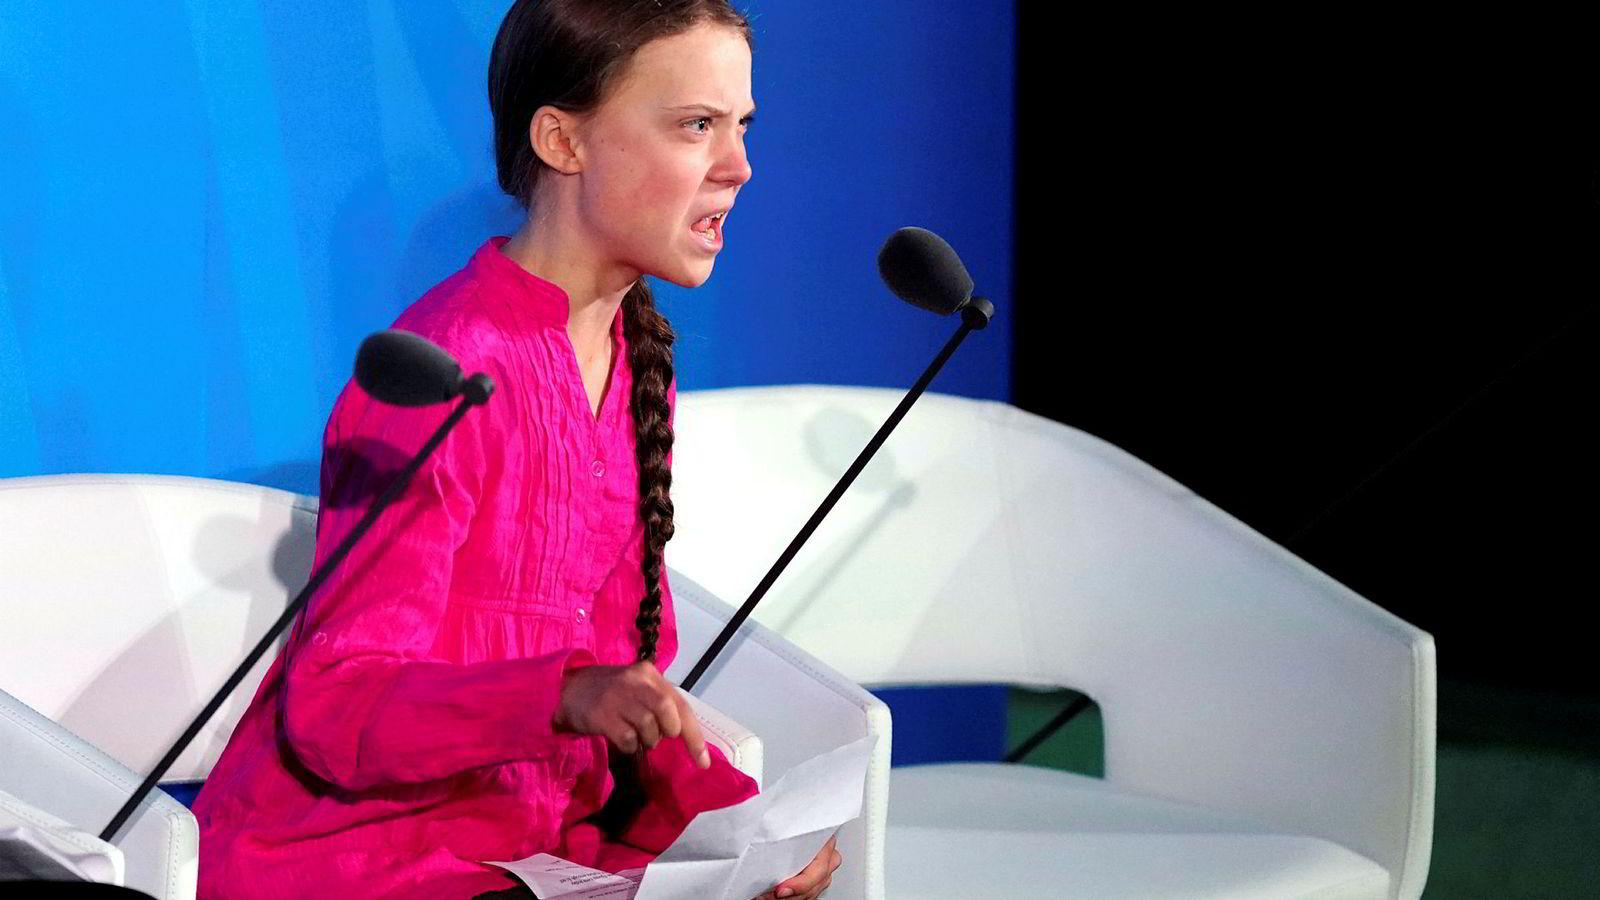 – Hvordan våger dere? spurte klimaaktivisten Greta Thunberg da hun holdt tale på FNs klimatoppmøte i New York denne uken.